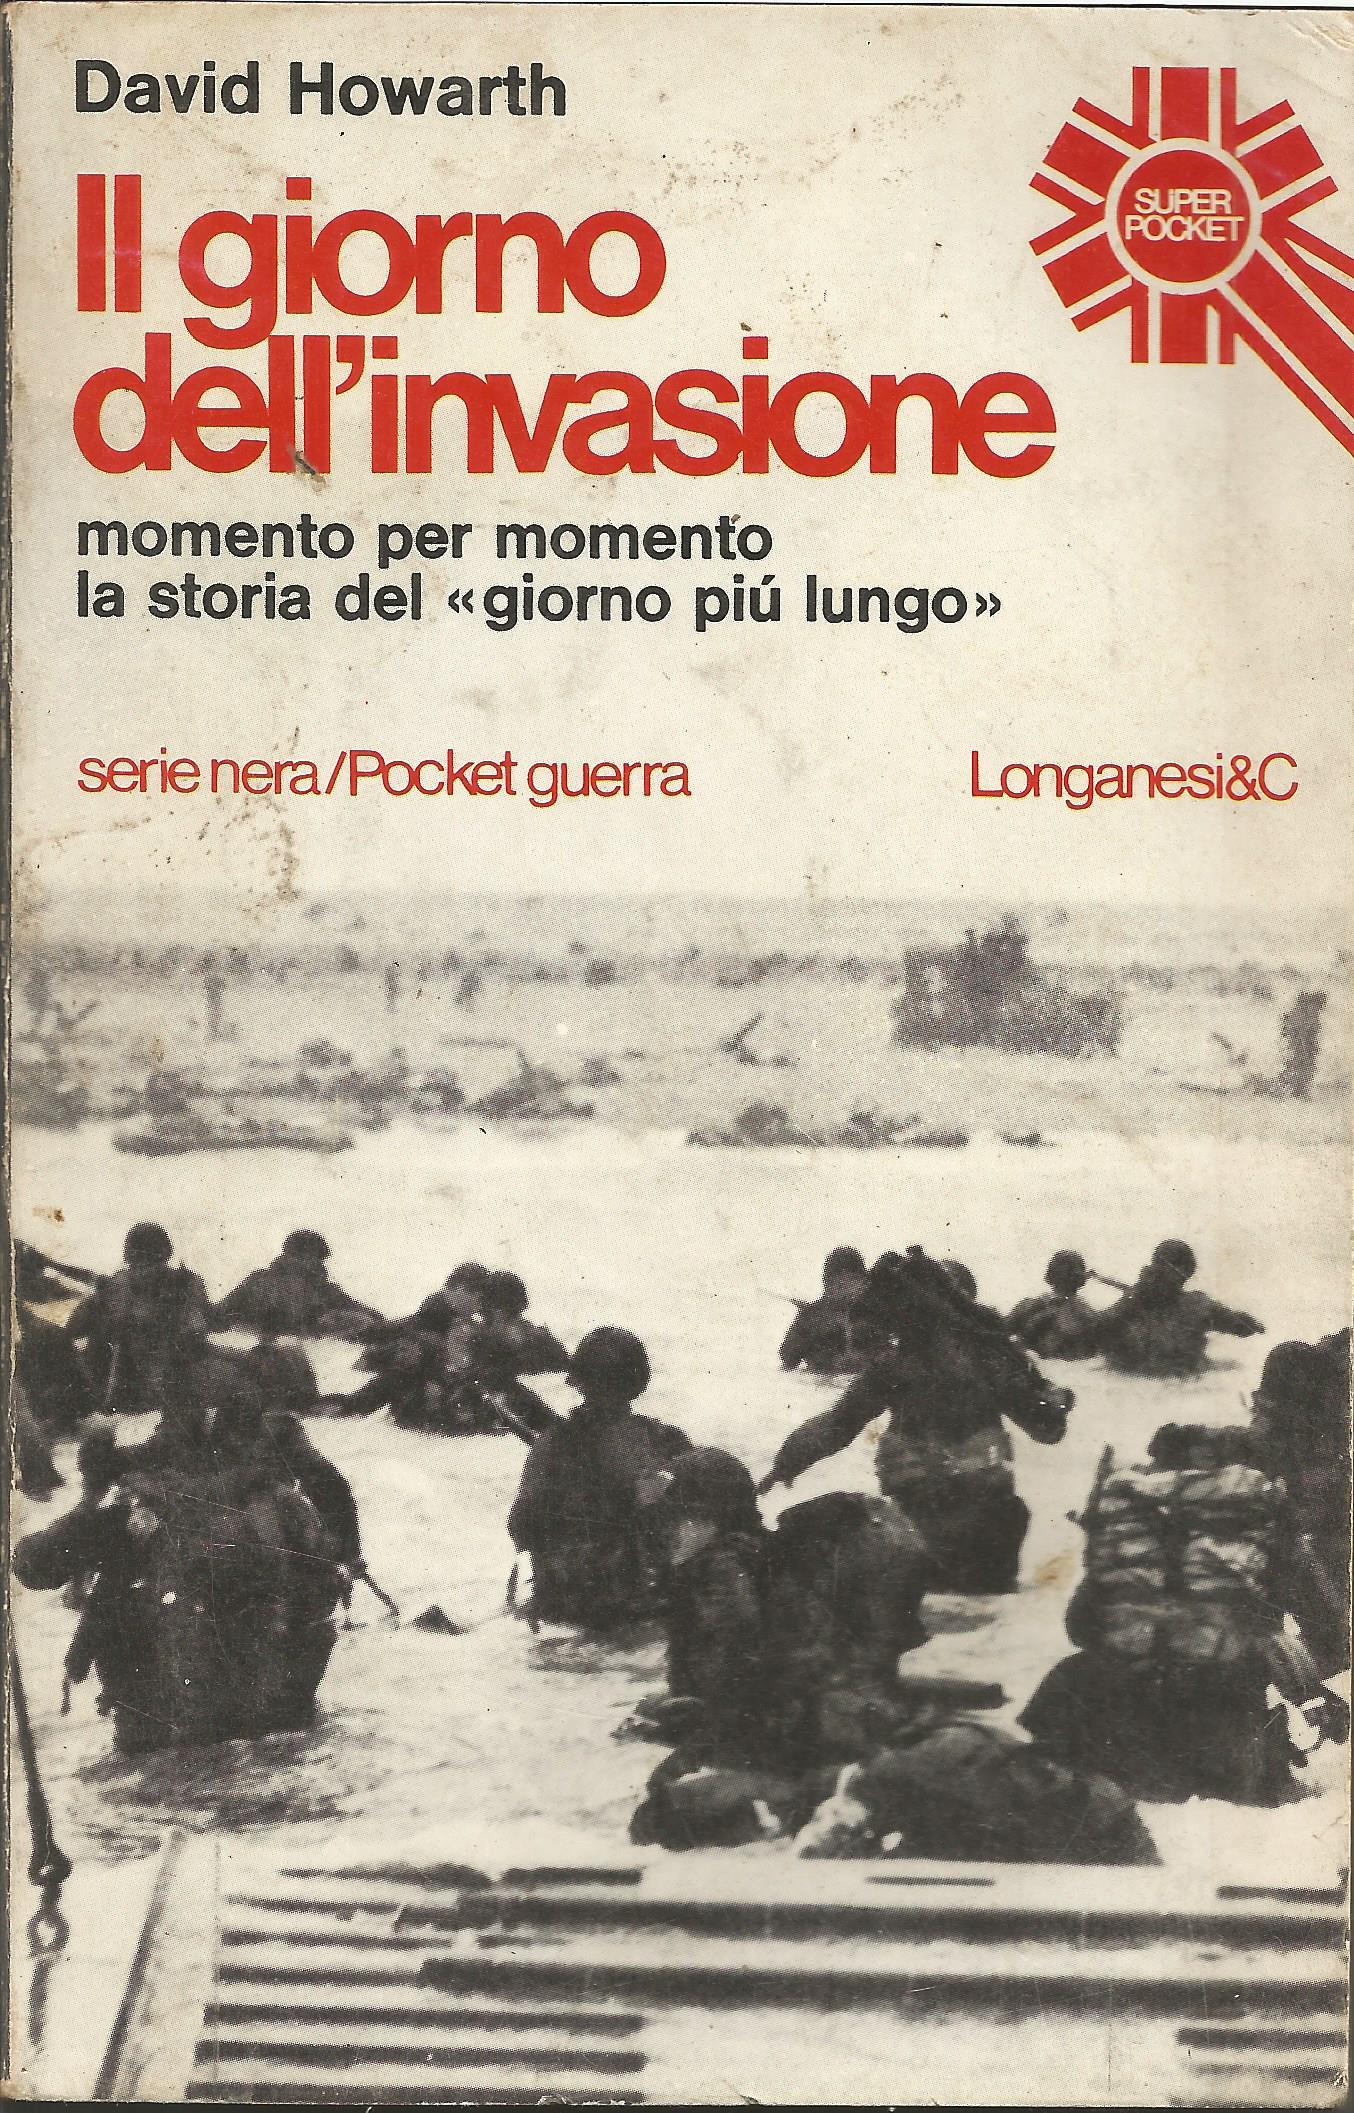 Il giorno dell'invasione